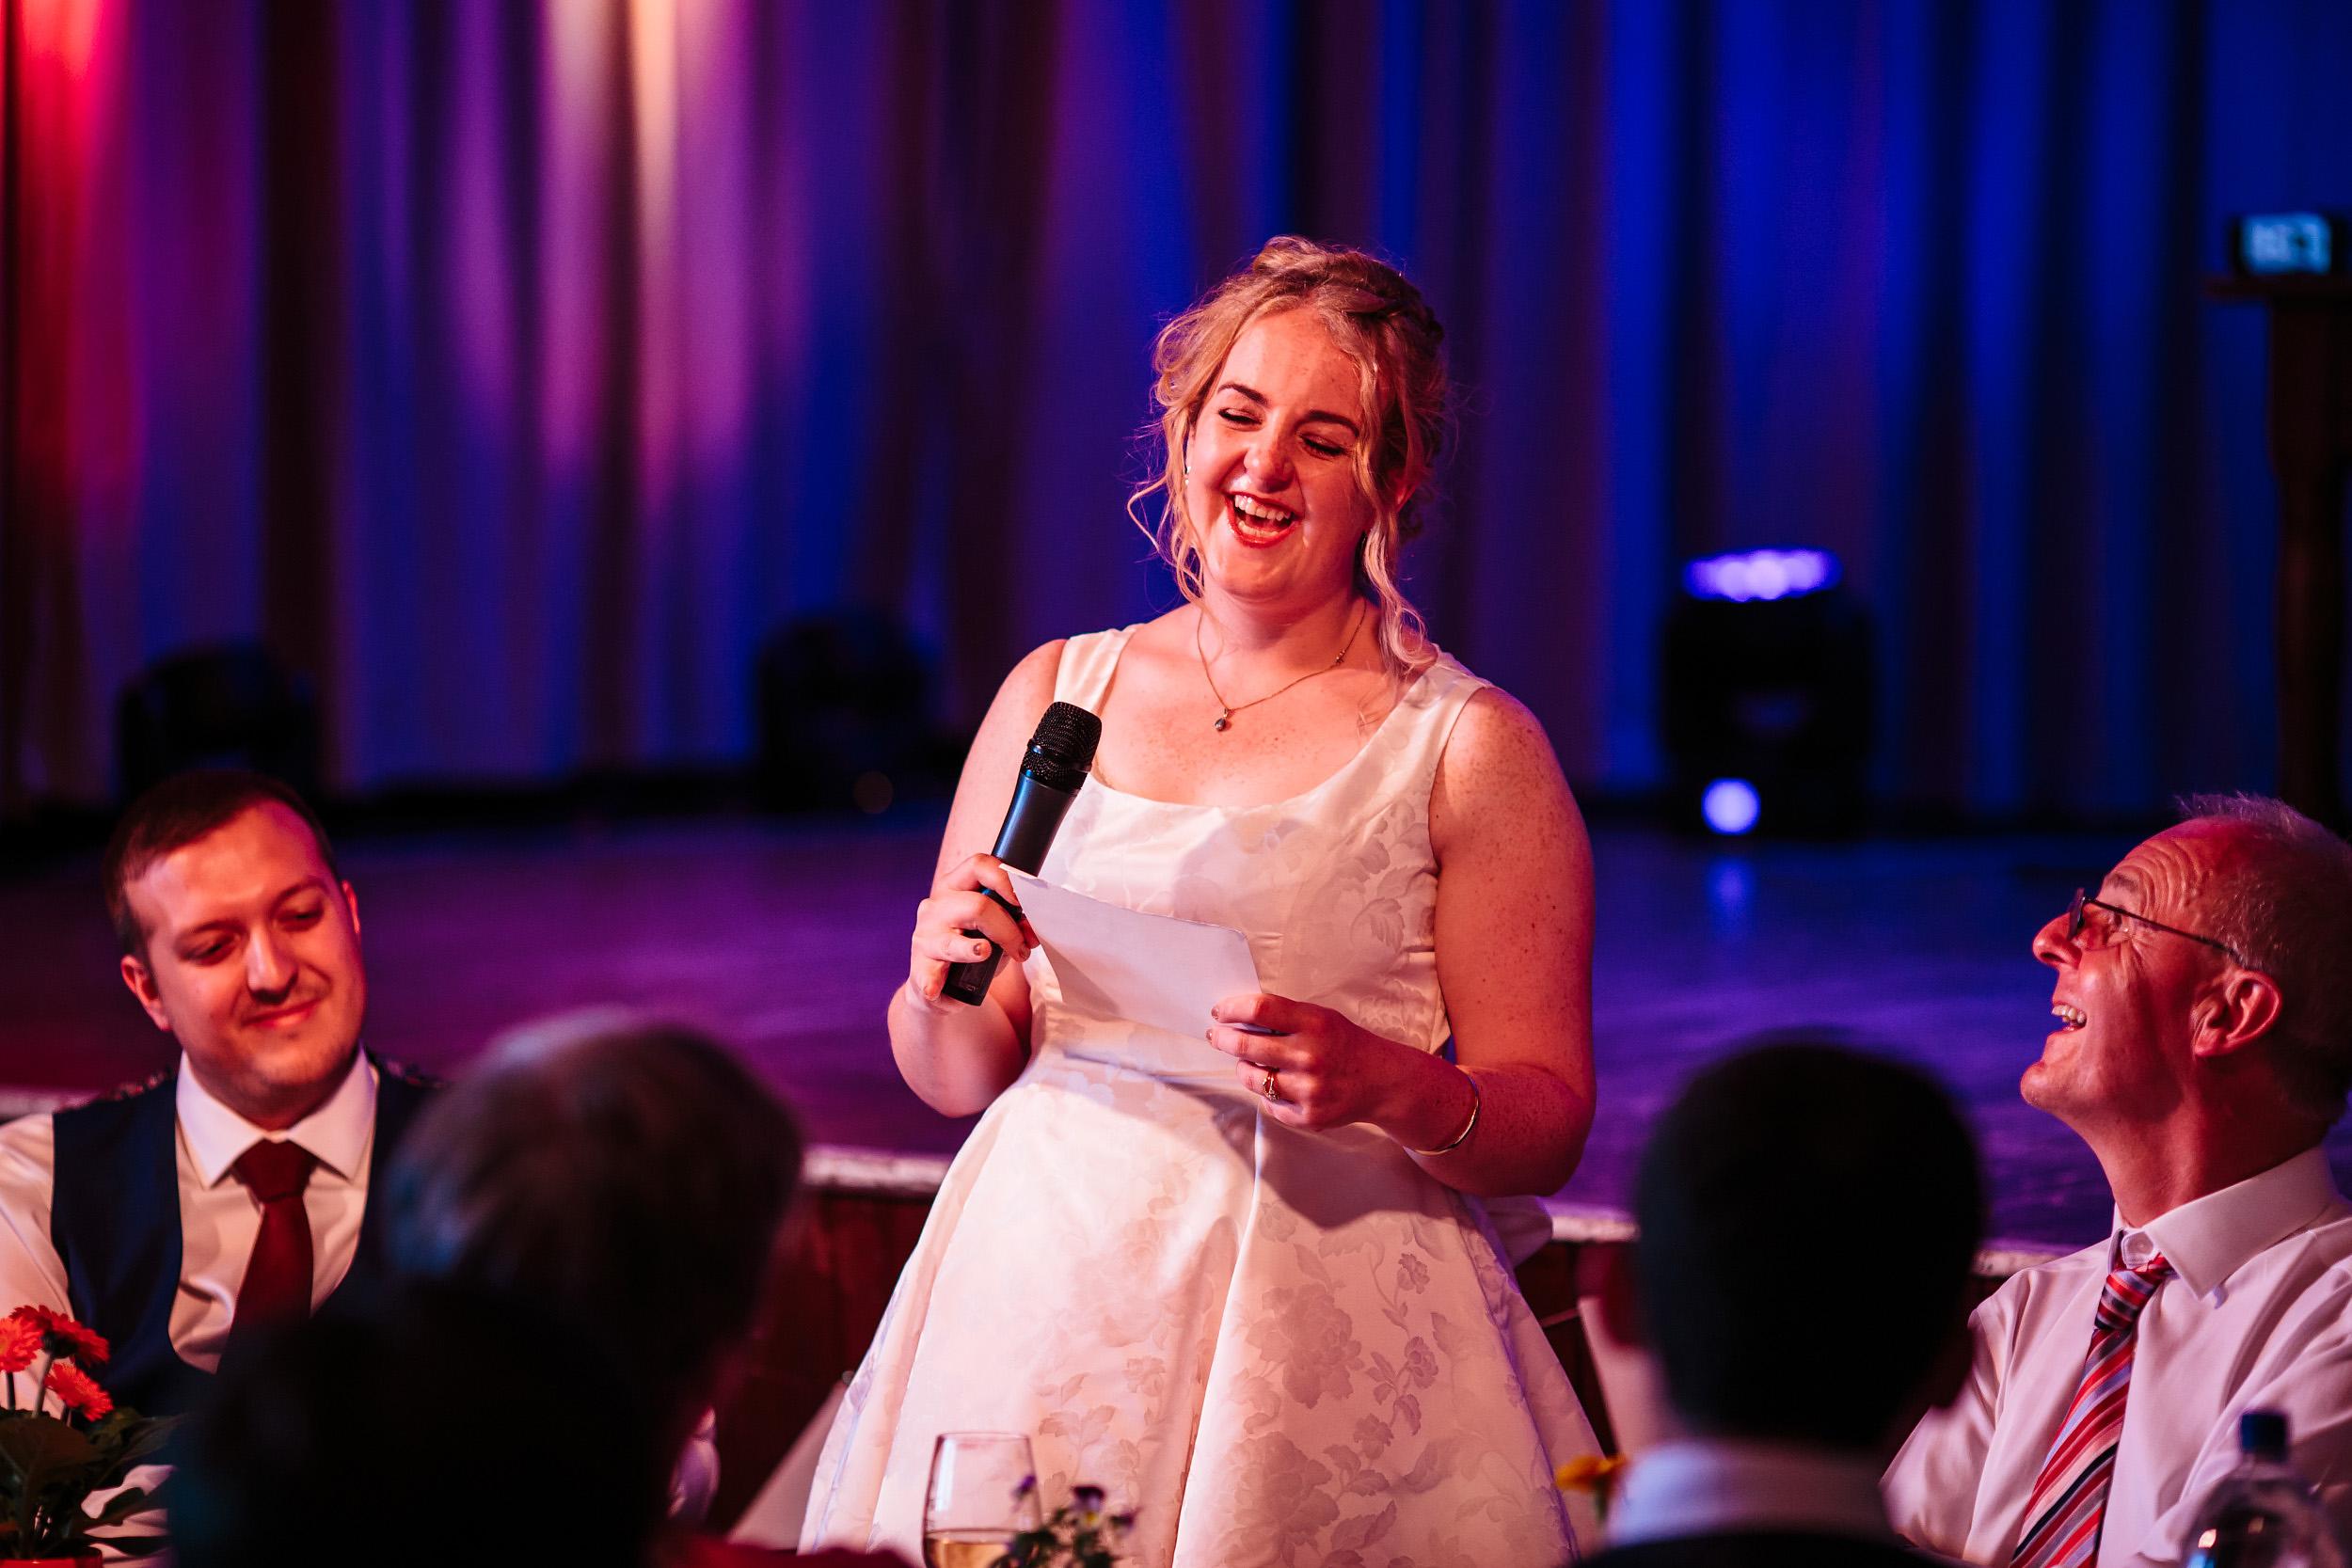 Brides speech on her wedding day in Lancashire